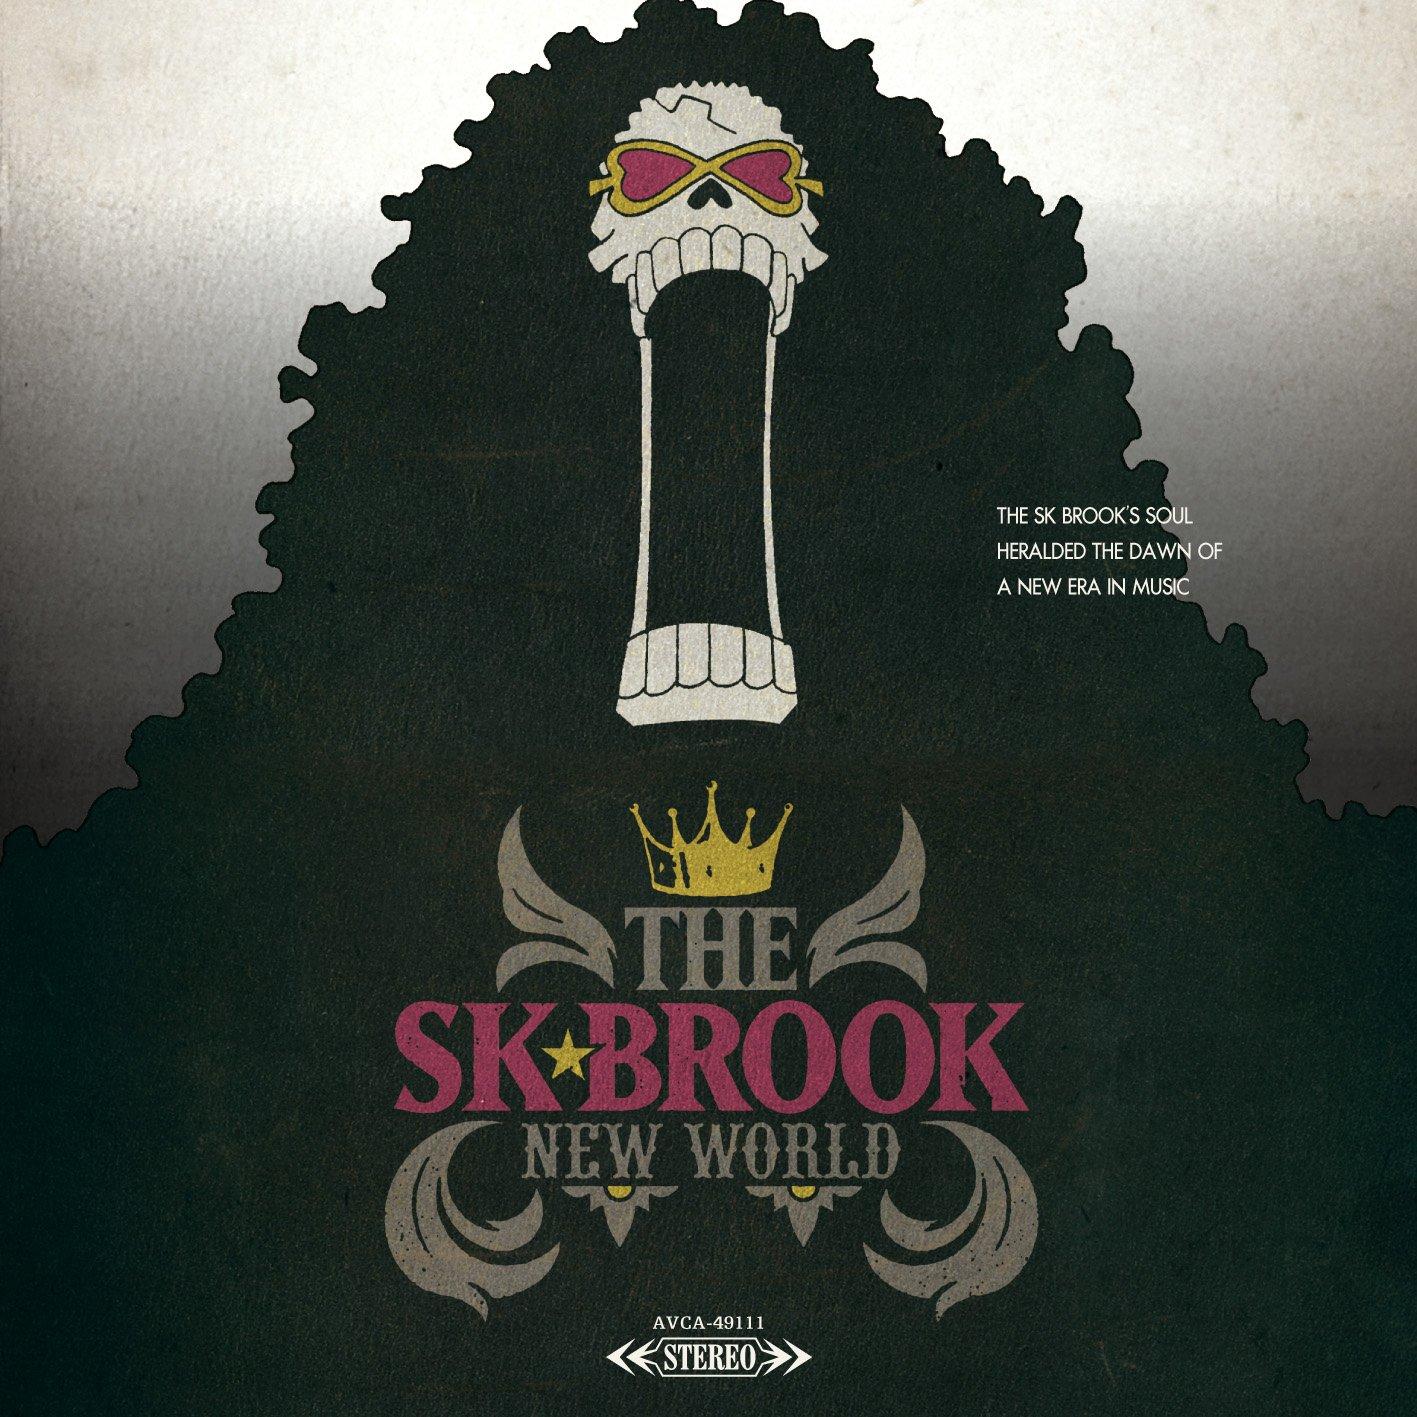 【ワンピース】ブルックが過去に所属していた王国と音楽家である伏線